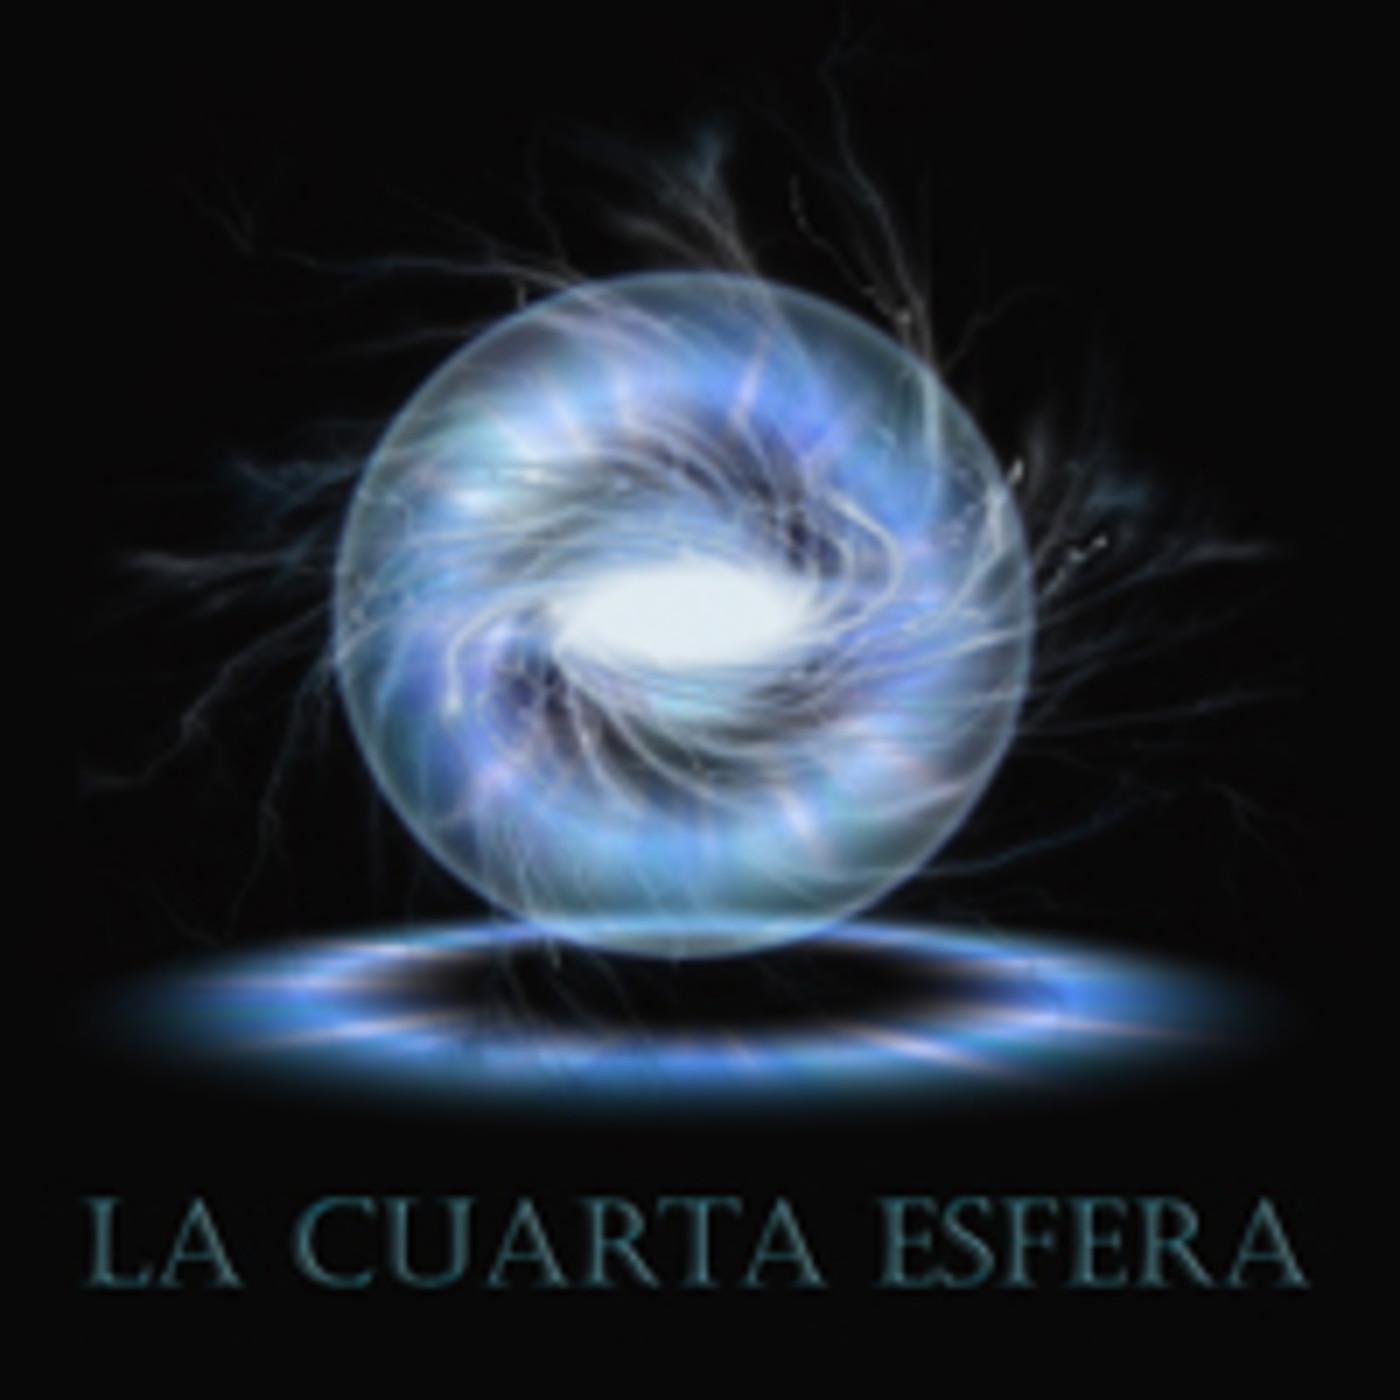 1x11  21-12-12 'Los otros Fin del Mundo'  Dr. Jose Cabrera, suicidios colectivos y caso abduccion extraterrestre.